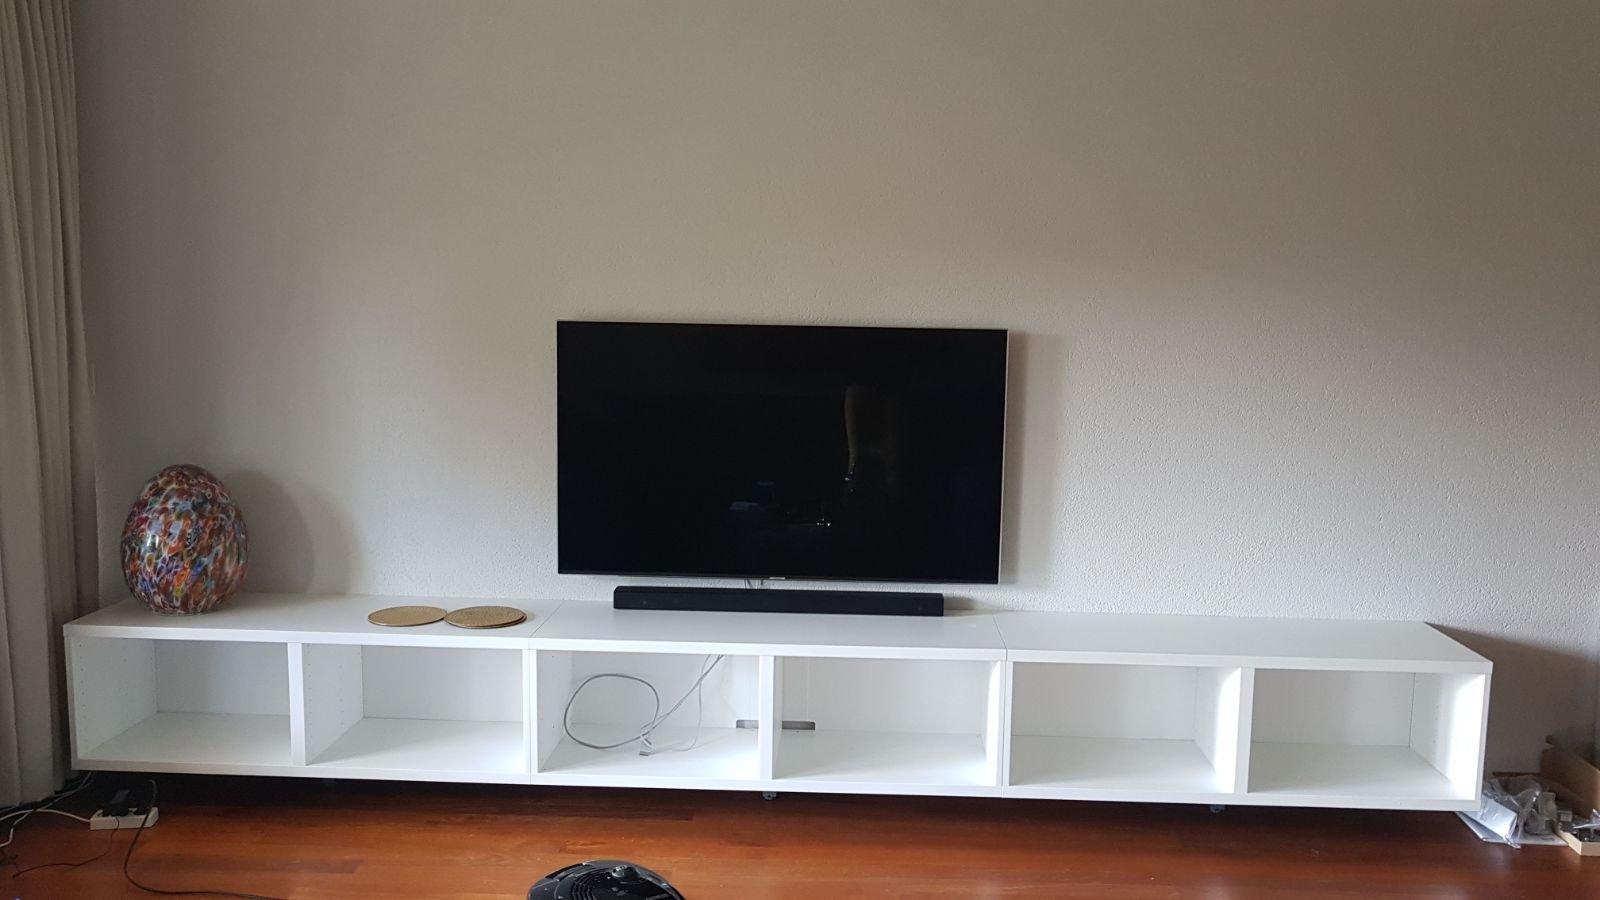 3 Ikea Dressoir Kasten En Tv Beugel Ophagen Werkspot